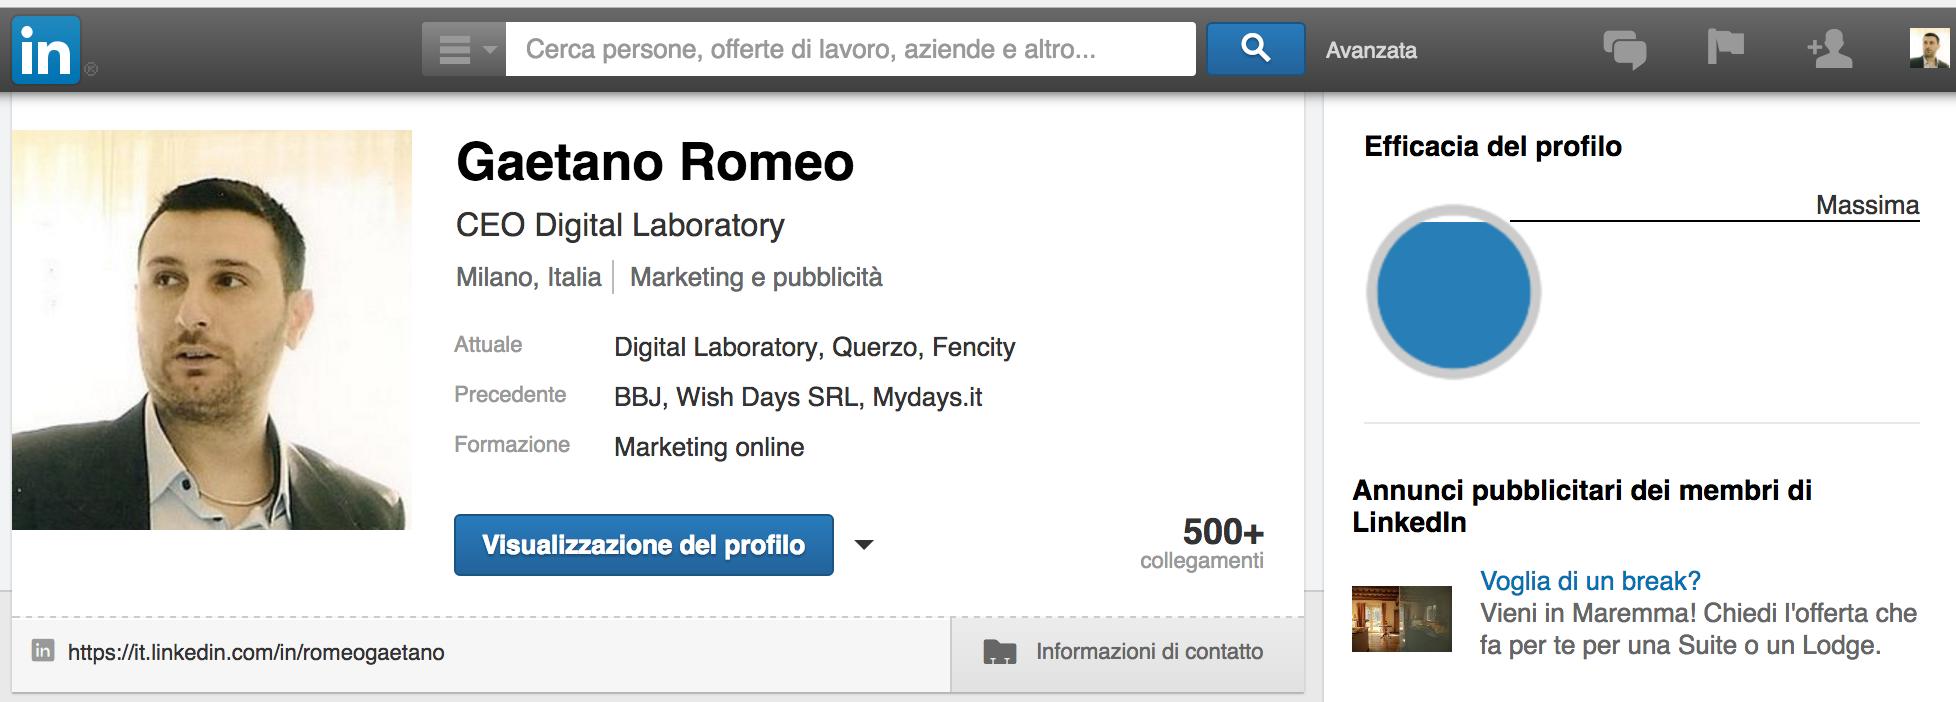 Trovare lavoro sul web: come usare LinkedIn